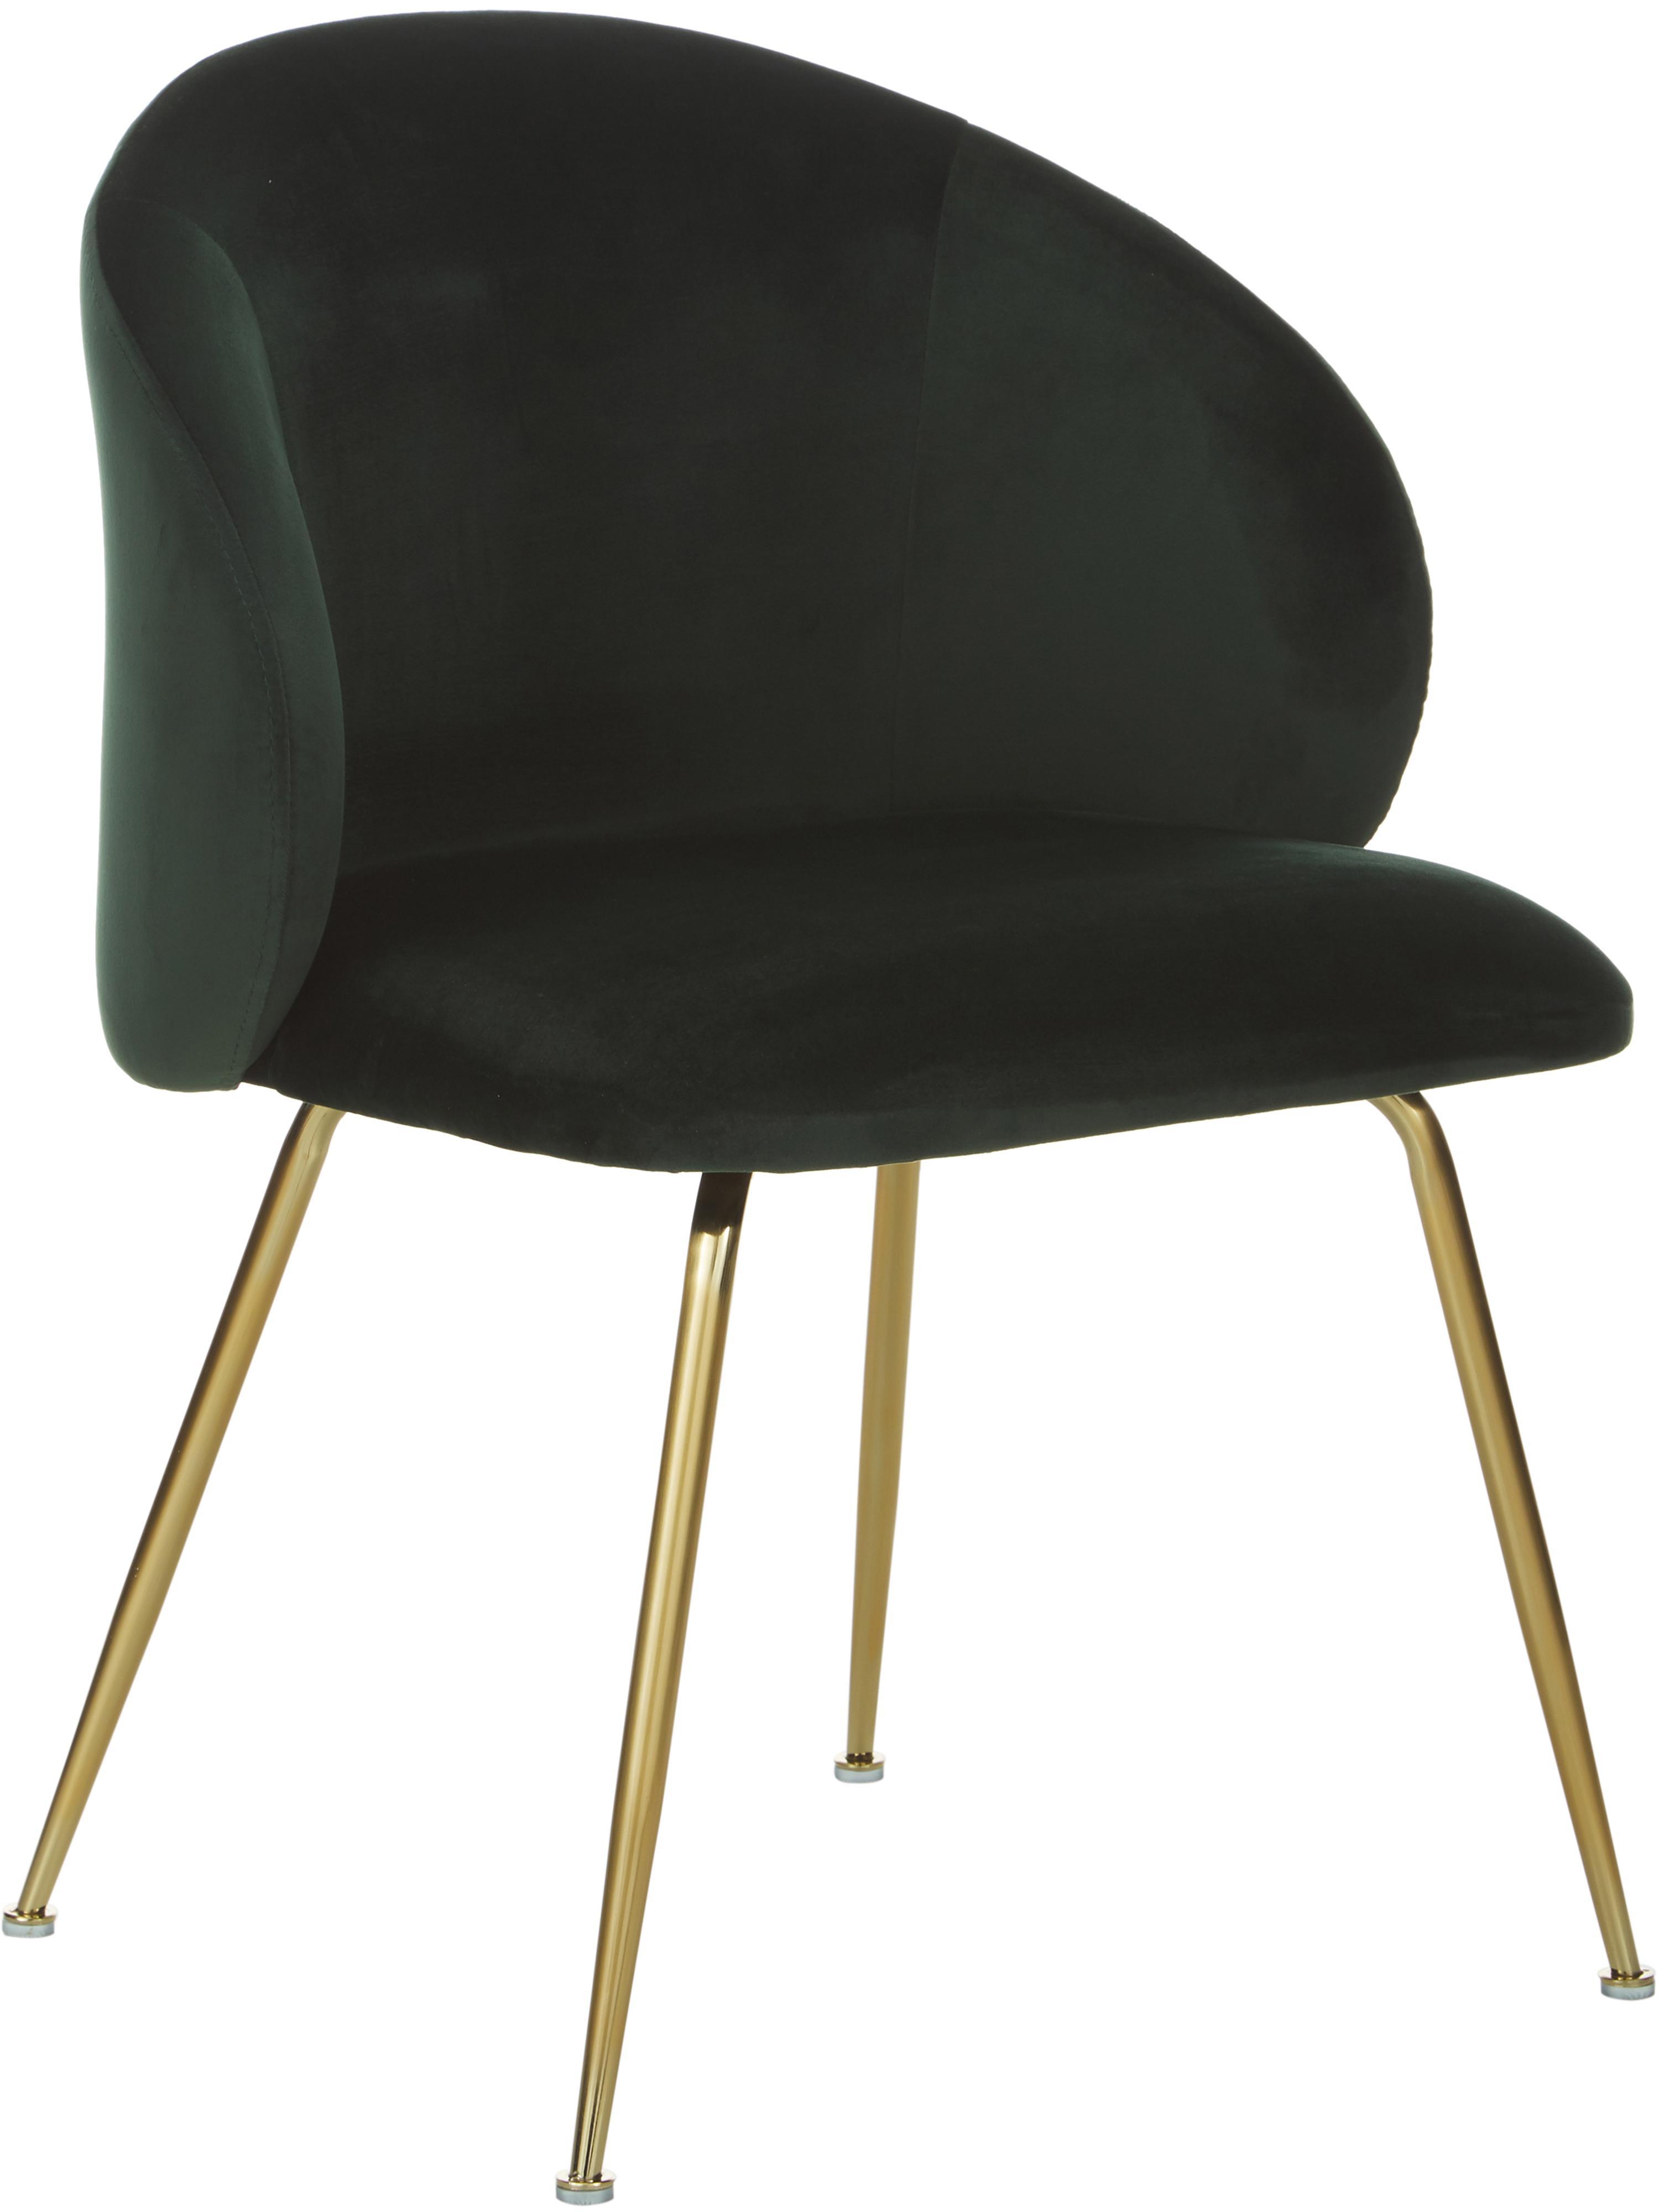 Fluwelen stoelen Luisa, 2 stuks, Bekleding: fluweel (100% polyester), Poten: gelakt metaal, Fluweel donkergroen, goudkleurig, B 61 x D 58 cm